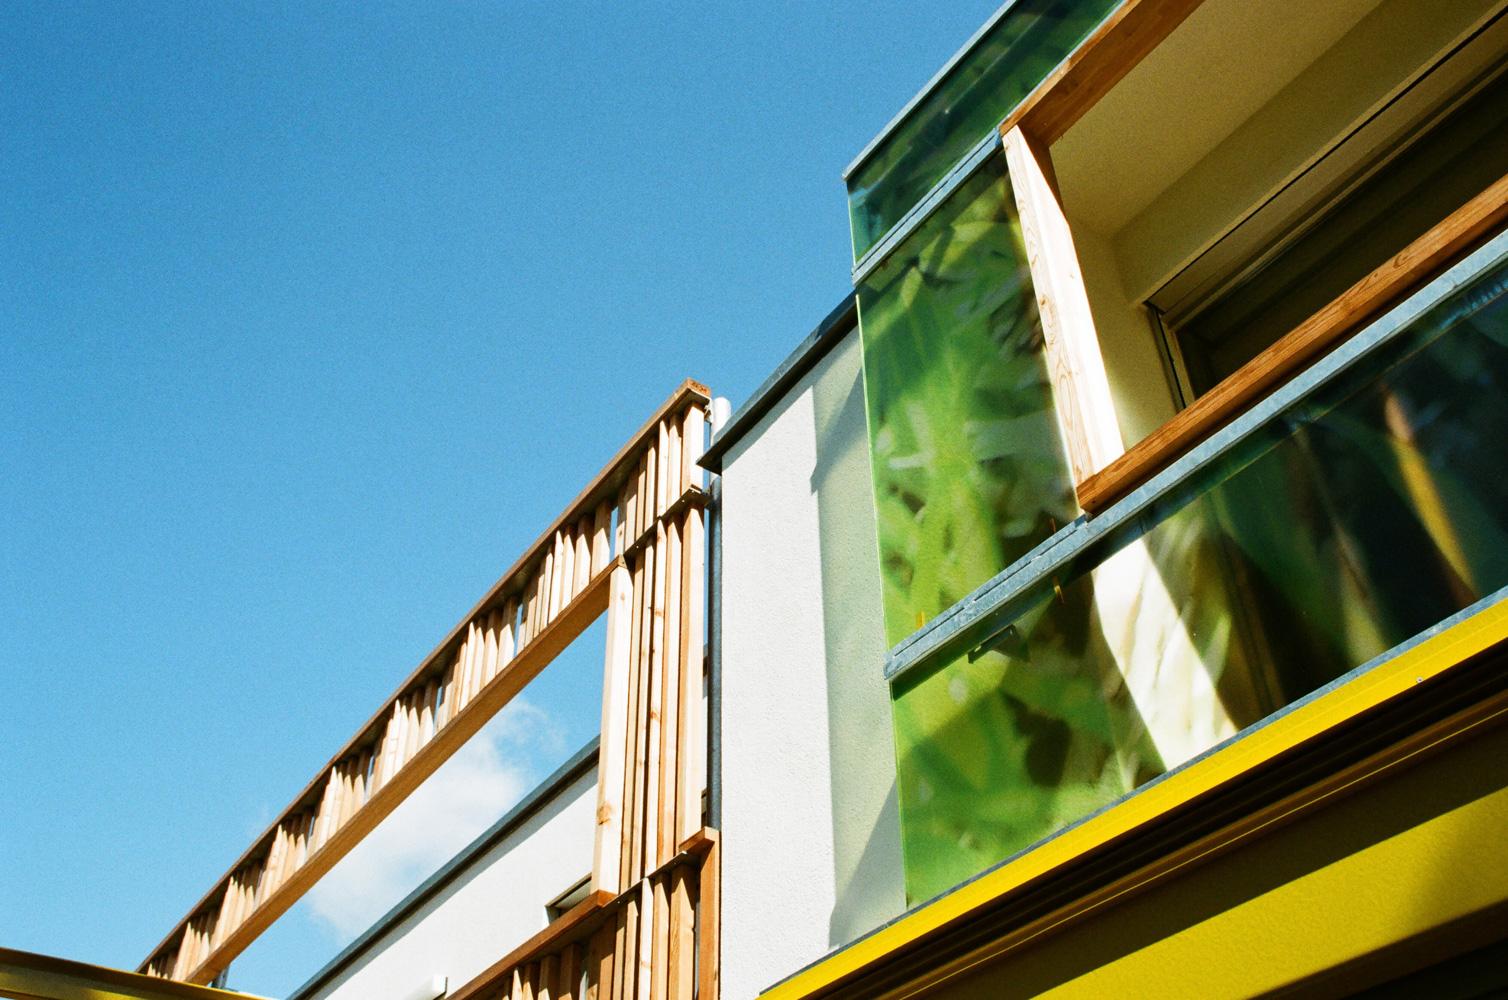 Außenansicht der unterschiedlichen Fassaden-Gestaltungen des Doppelhauses an der alten Donau (Paschinger Architekten). Glas und Holz im Kontrast